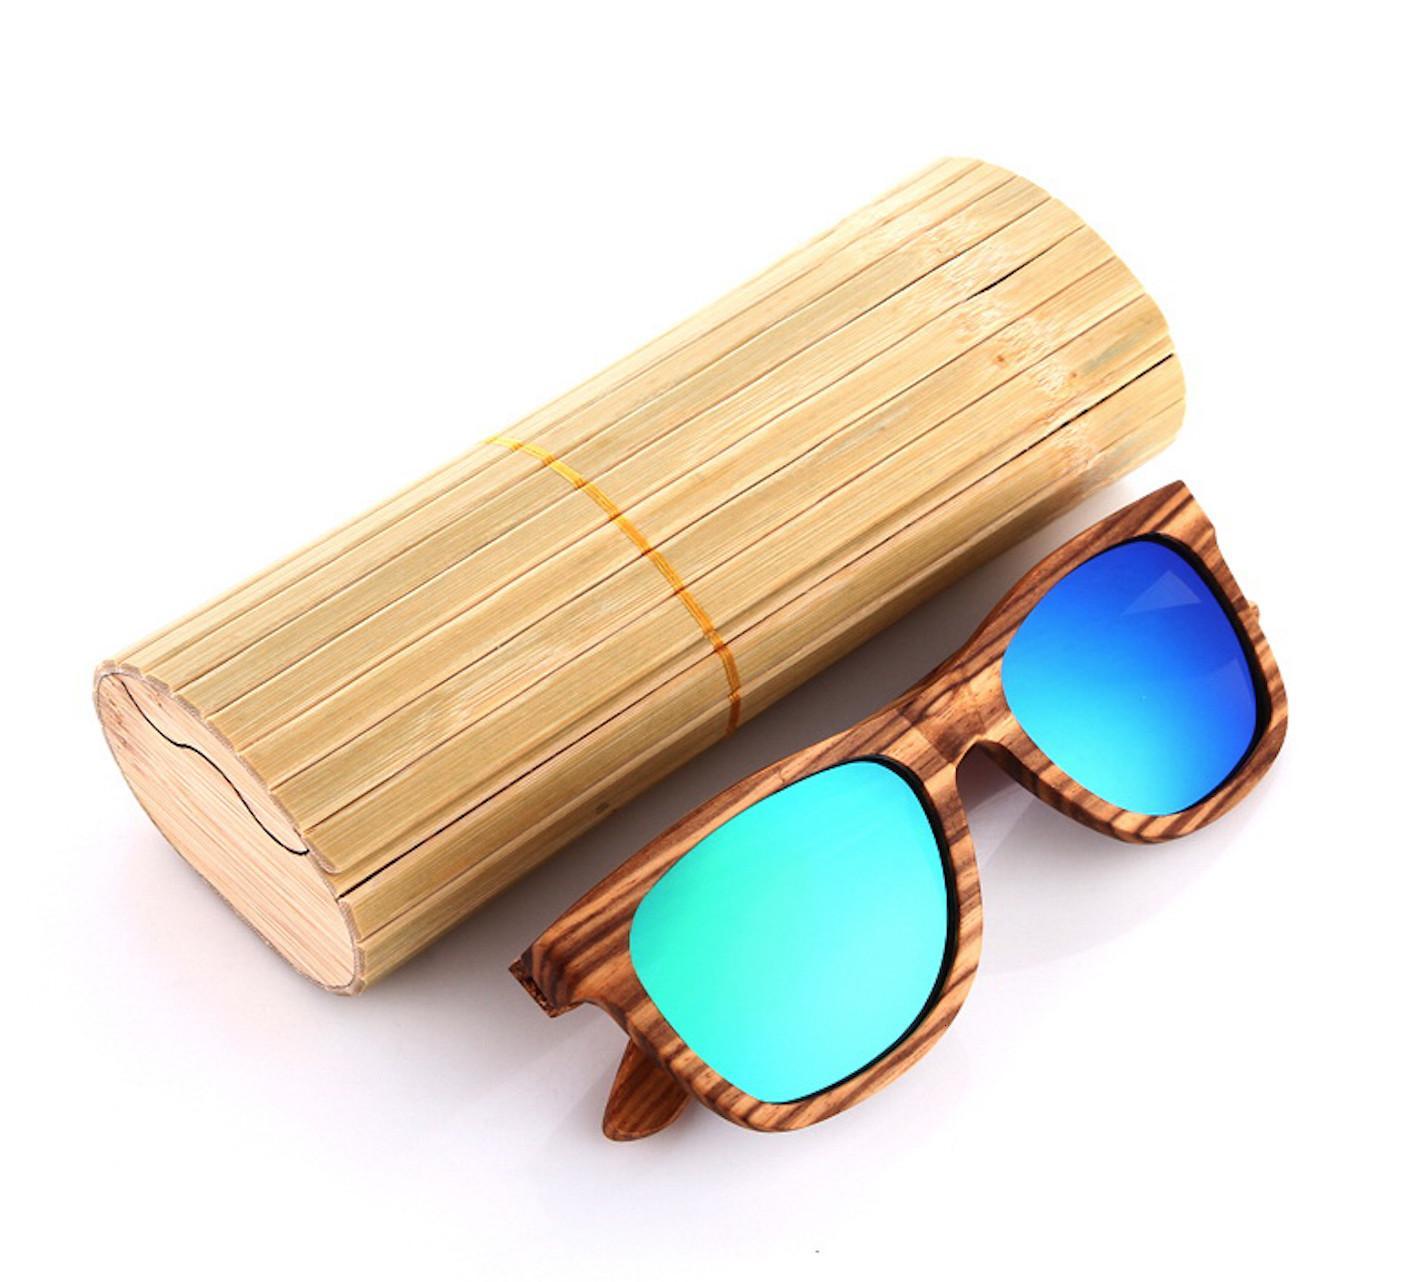 çin toptan kadınlar özel polarize moda markası renkli ahşap çerçeve ucuz ahşap güneş gözlüğü